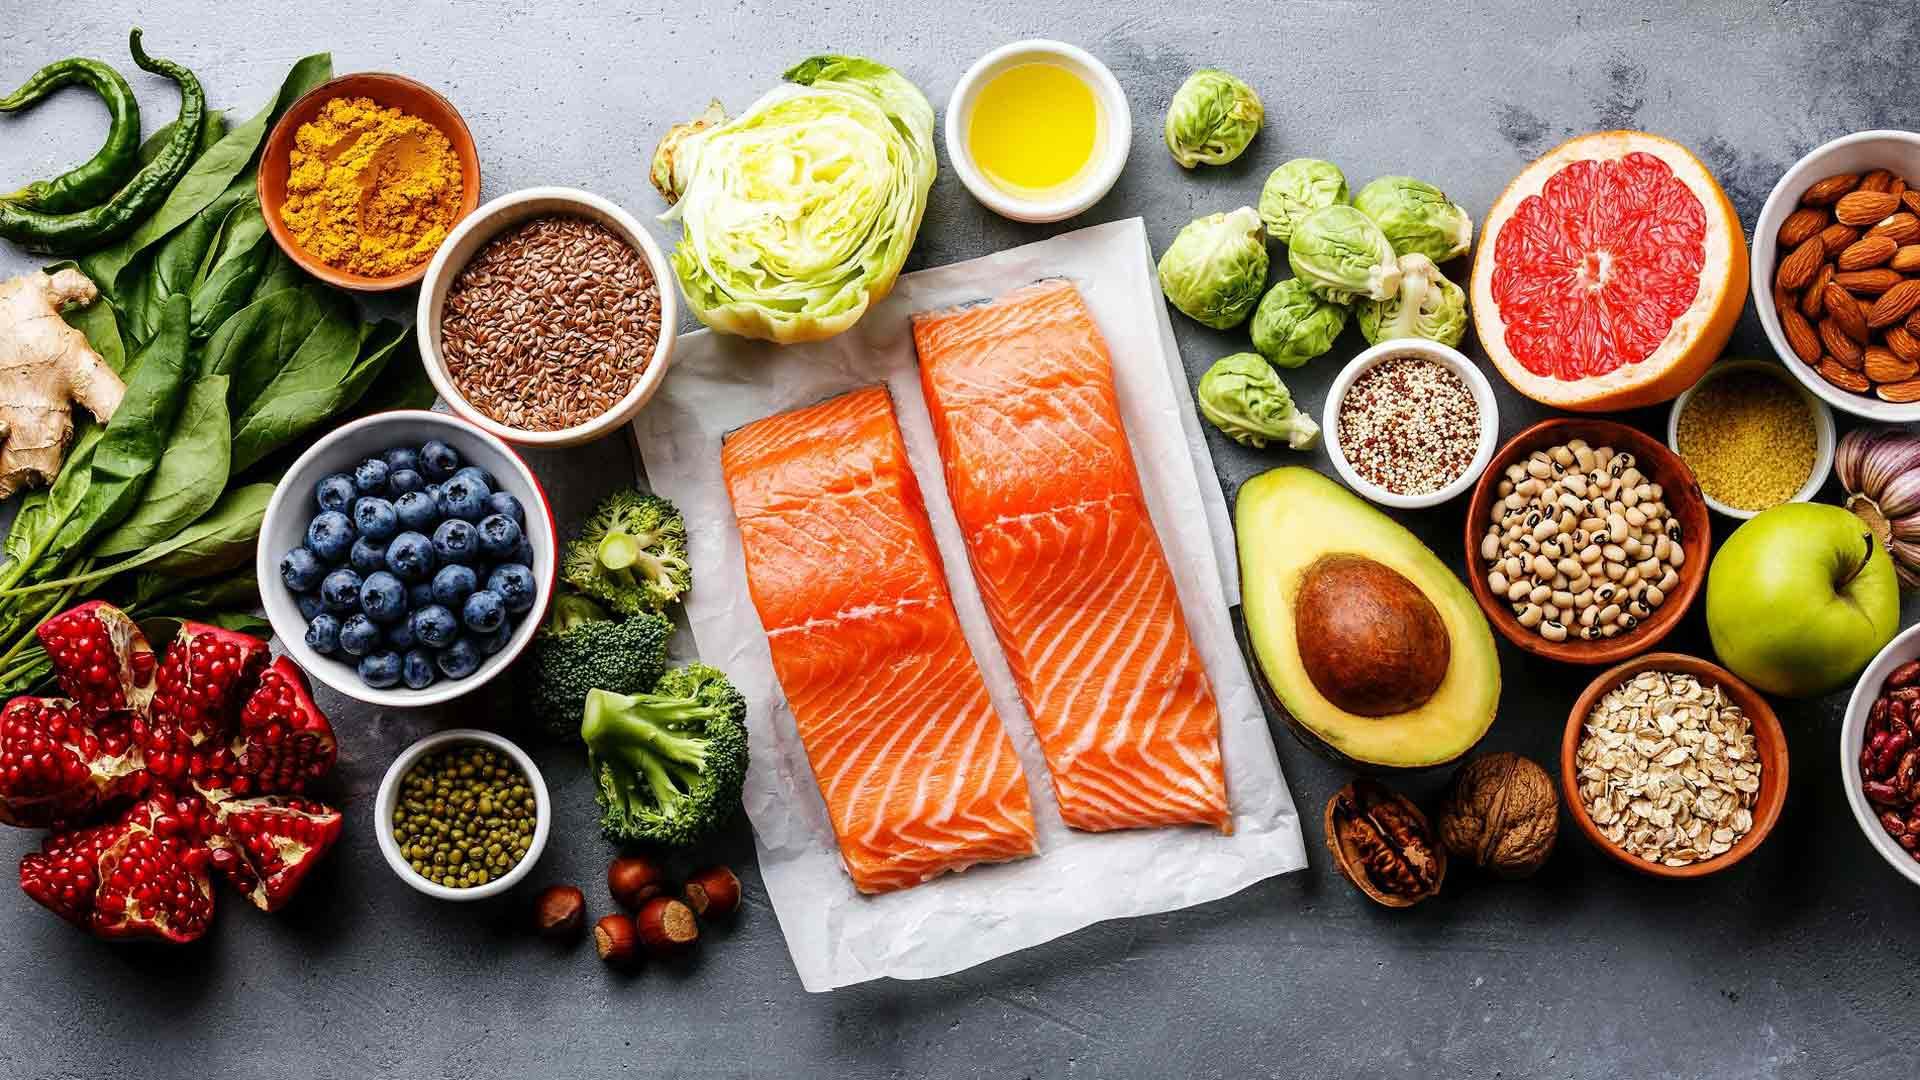 Useiden tutkimusten mukaan perinteinen Välimeren ruokavalio on yhteydessä matalampaan tulehdustasoon.